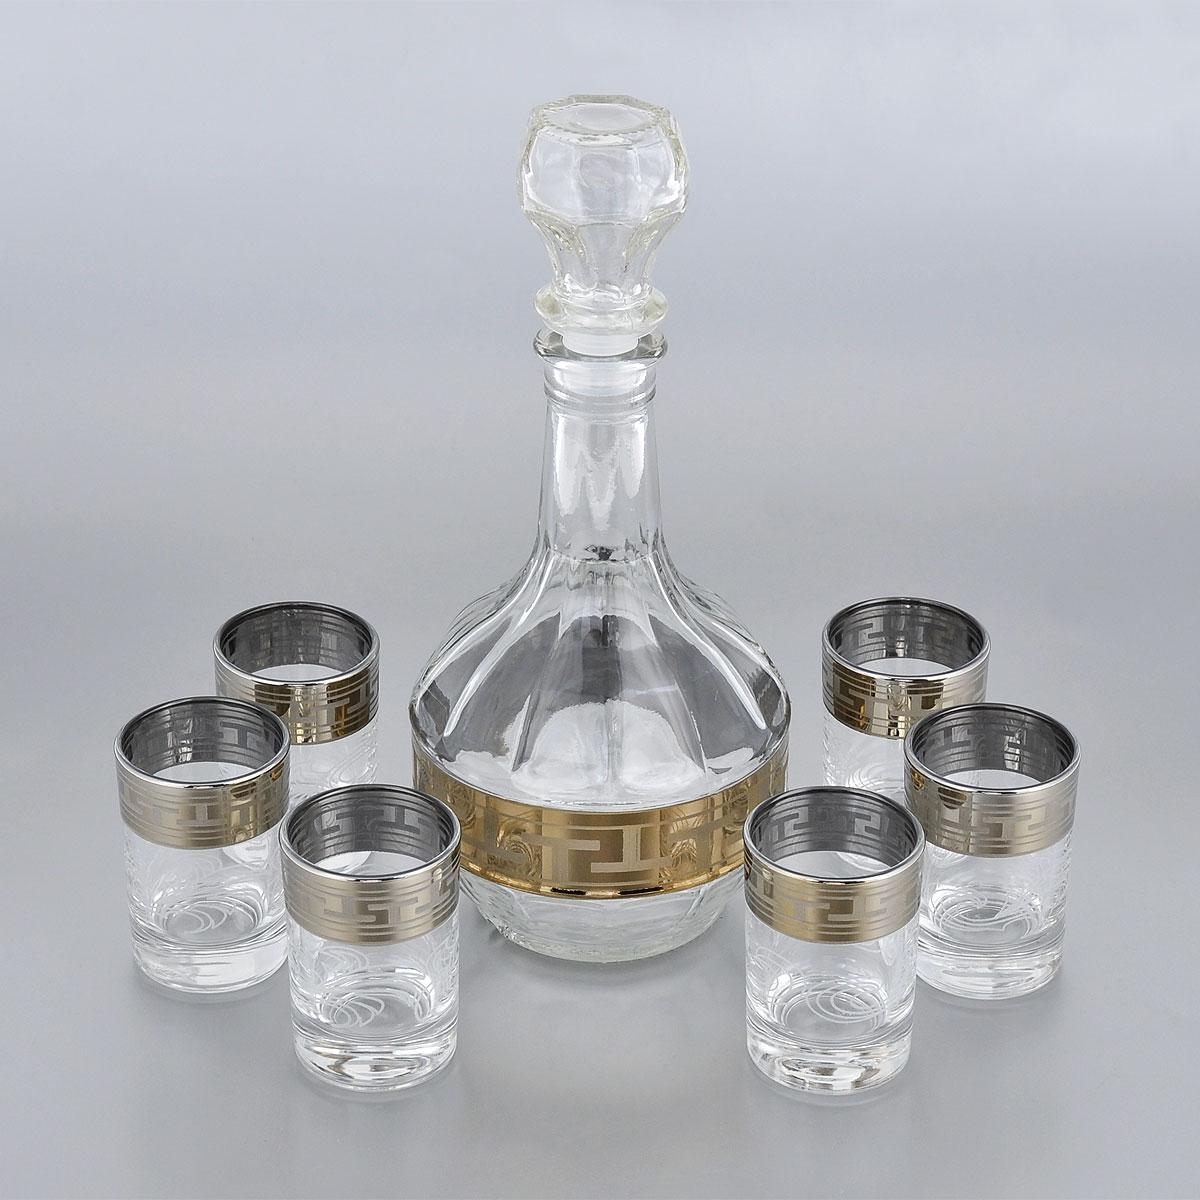 Набор стопок Гусь-Хрустальный Греческий узор, с графином, 7 предметовSC-FD421004Набор Гусь-Хрустальный Греческий узор состоит из шести стопок и графина, изготовленных изпрочного натрий-кальций-силикатного стекла. Изделия, предназначенные для подачи водкии других спиртных напитков, несомненно придутся вам по душе. Рюмки и графин сочетают в себе элегантный дизайн ифункциональность.Набор стопок Гусь-Хрустальный Греческий узор идеально подойдет для сервировки стола истанет отличным подарком к любому празднику.Диаметр стопки: 4,5 см. Высота стопки: 7 см.Объем стопки: 60 мл.Высота графина: 23,5 см.Объем графина: 500 мл.Уважаемые клиенты! Обращаем ваше внимание на незначительные изменения в дизайне товара, допускаемые производителем. Поставка осуществляется в зависимости от наличия на складе.